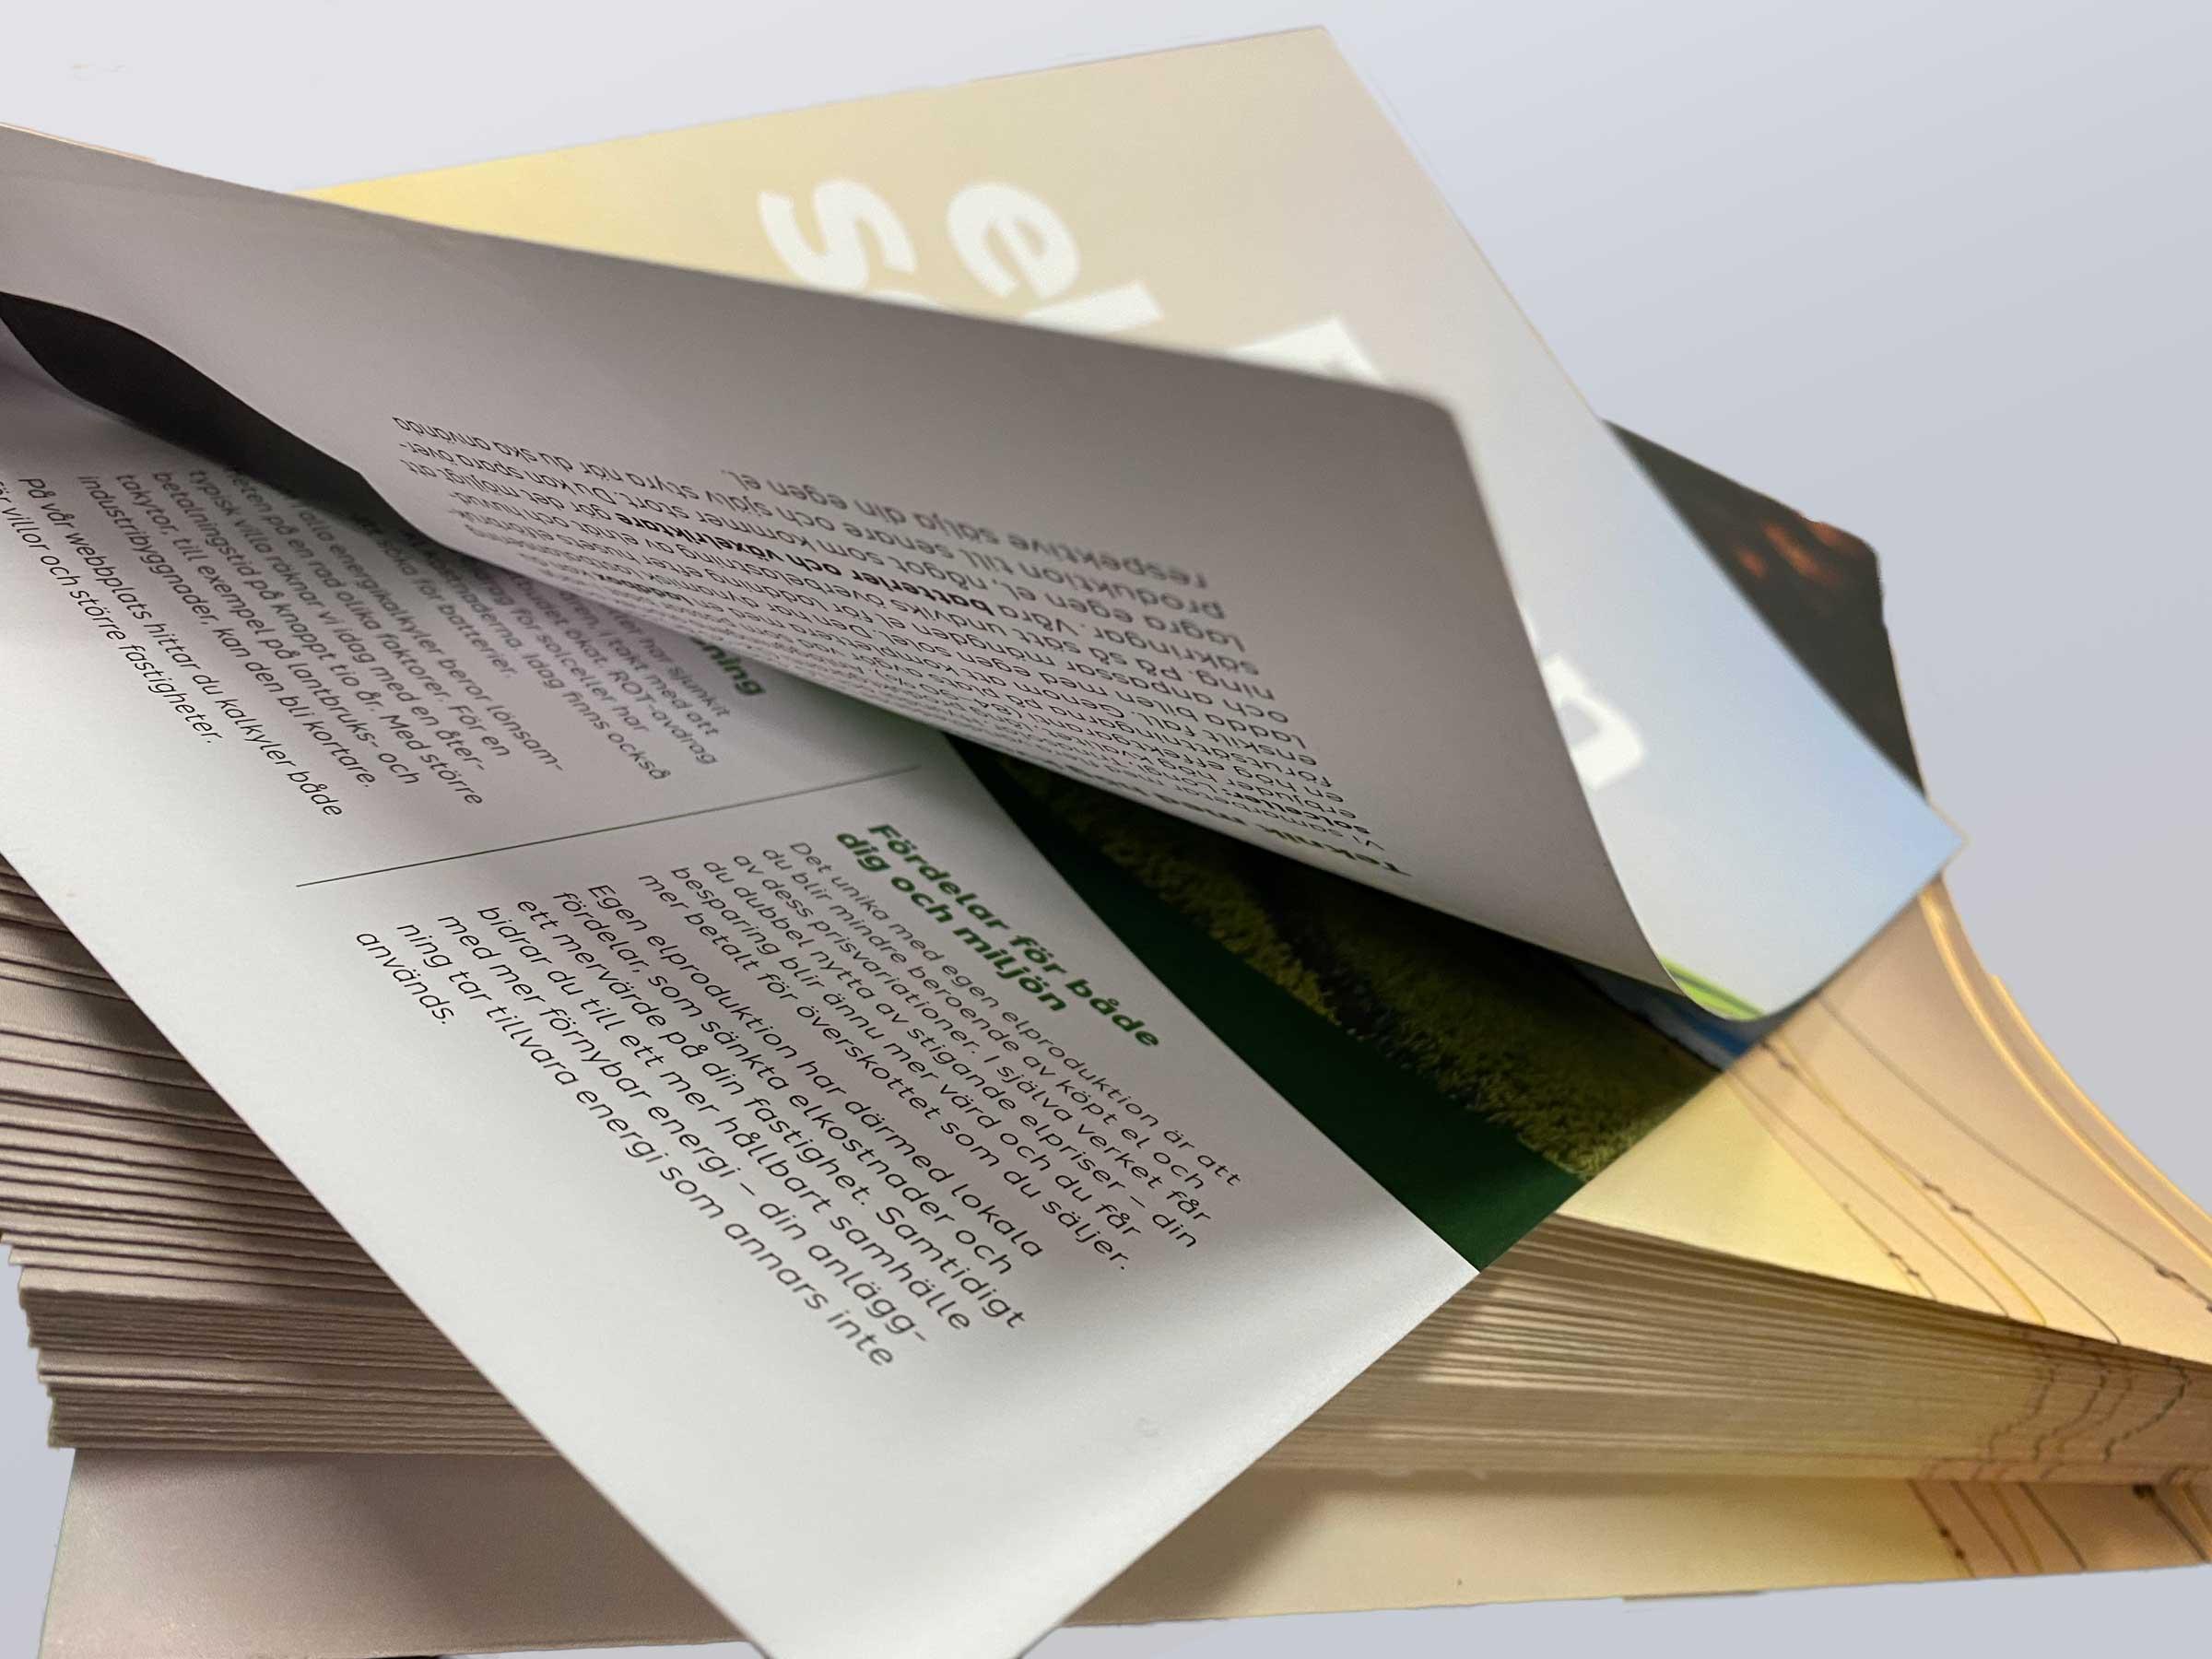 trycka folder